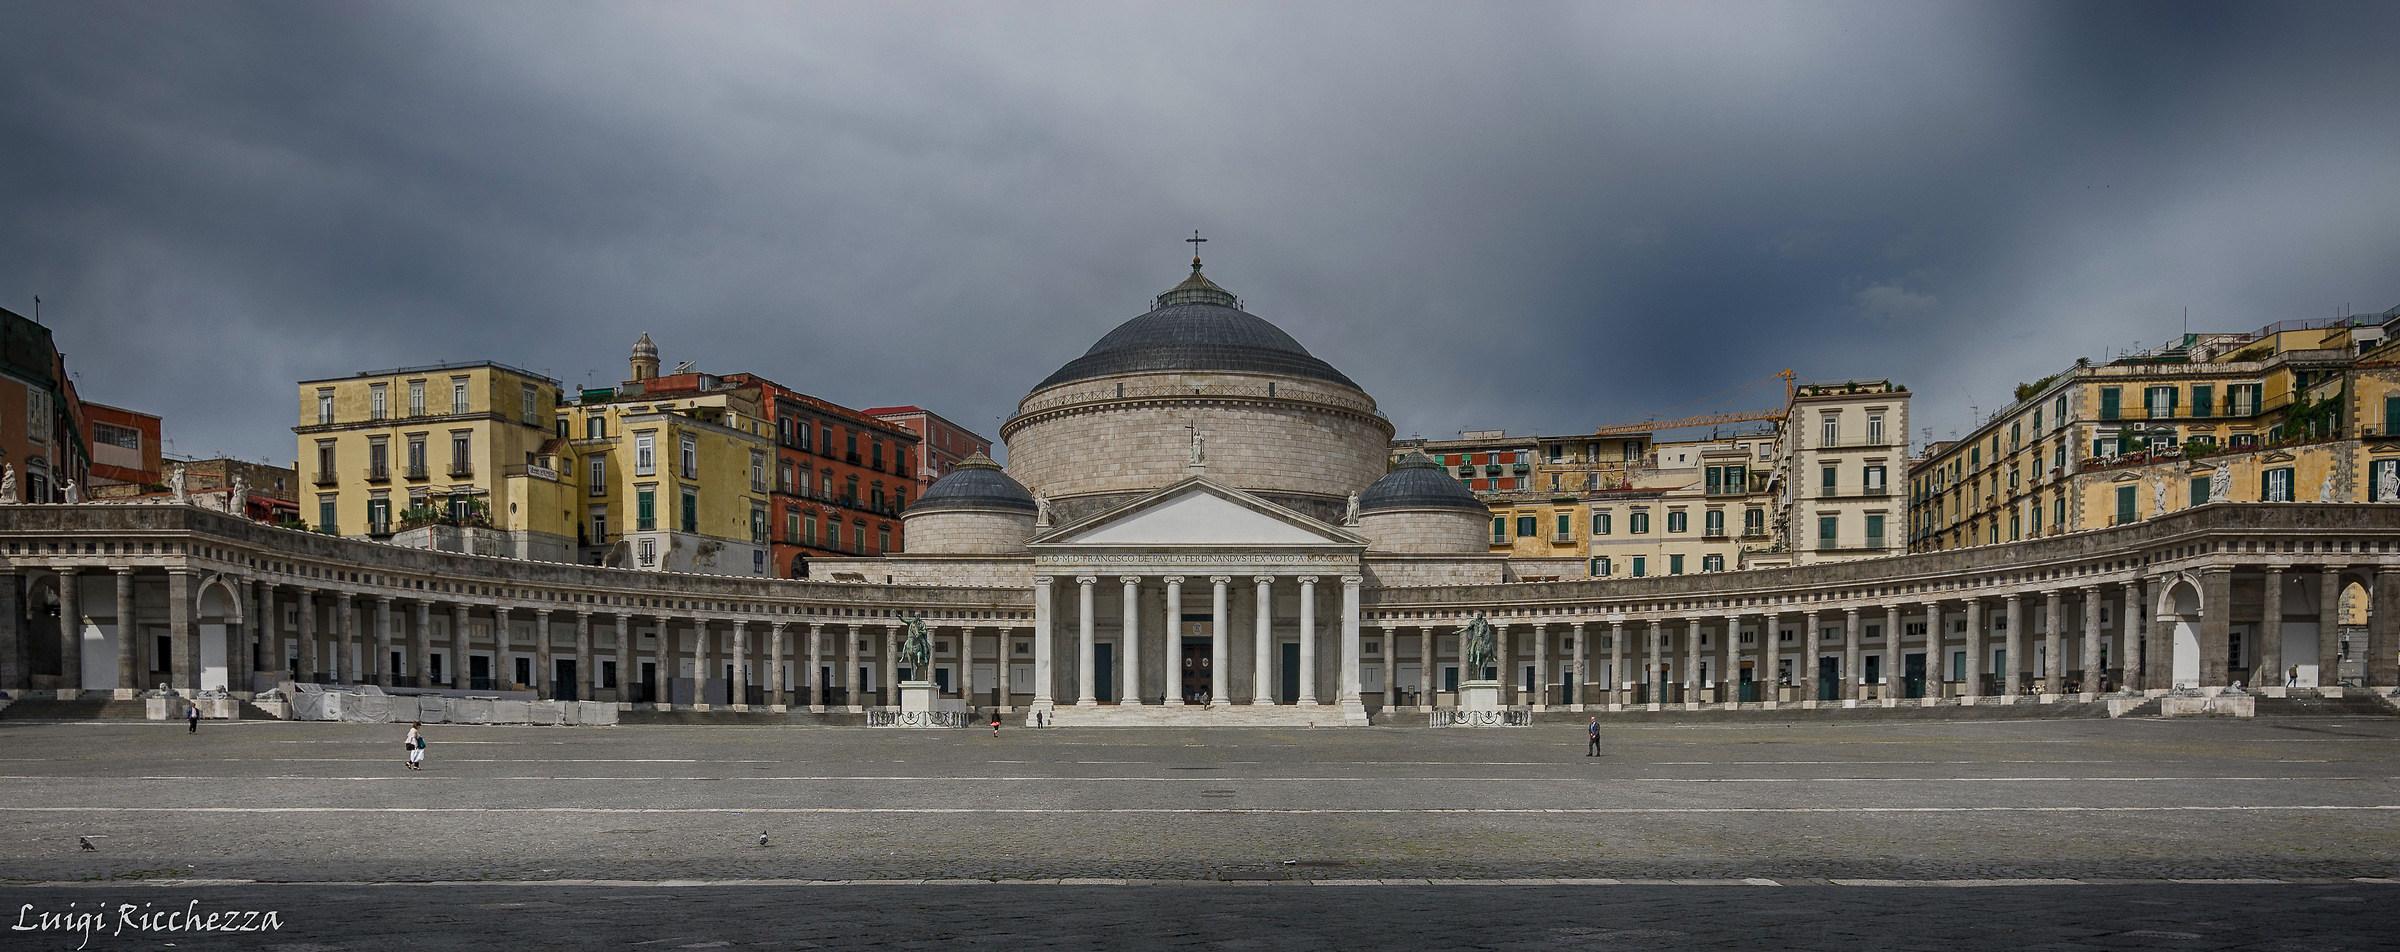 Plebiscito Square...